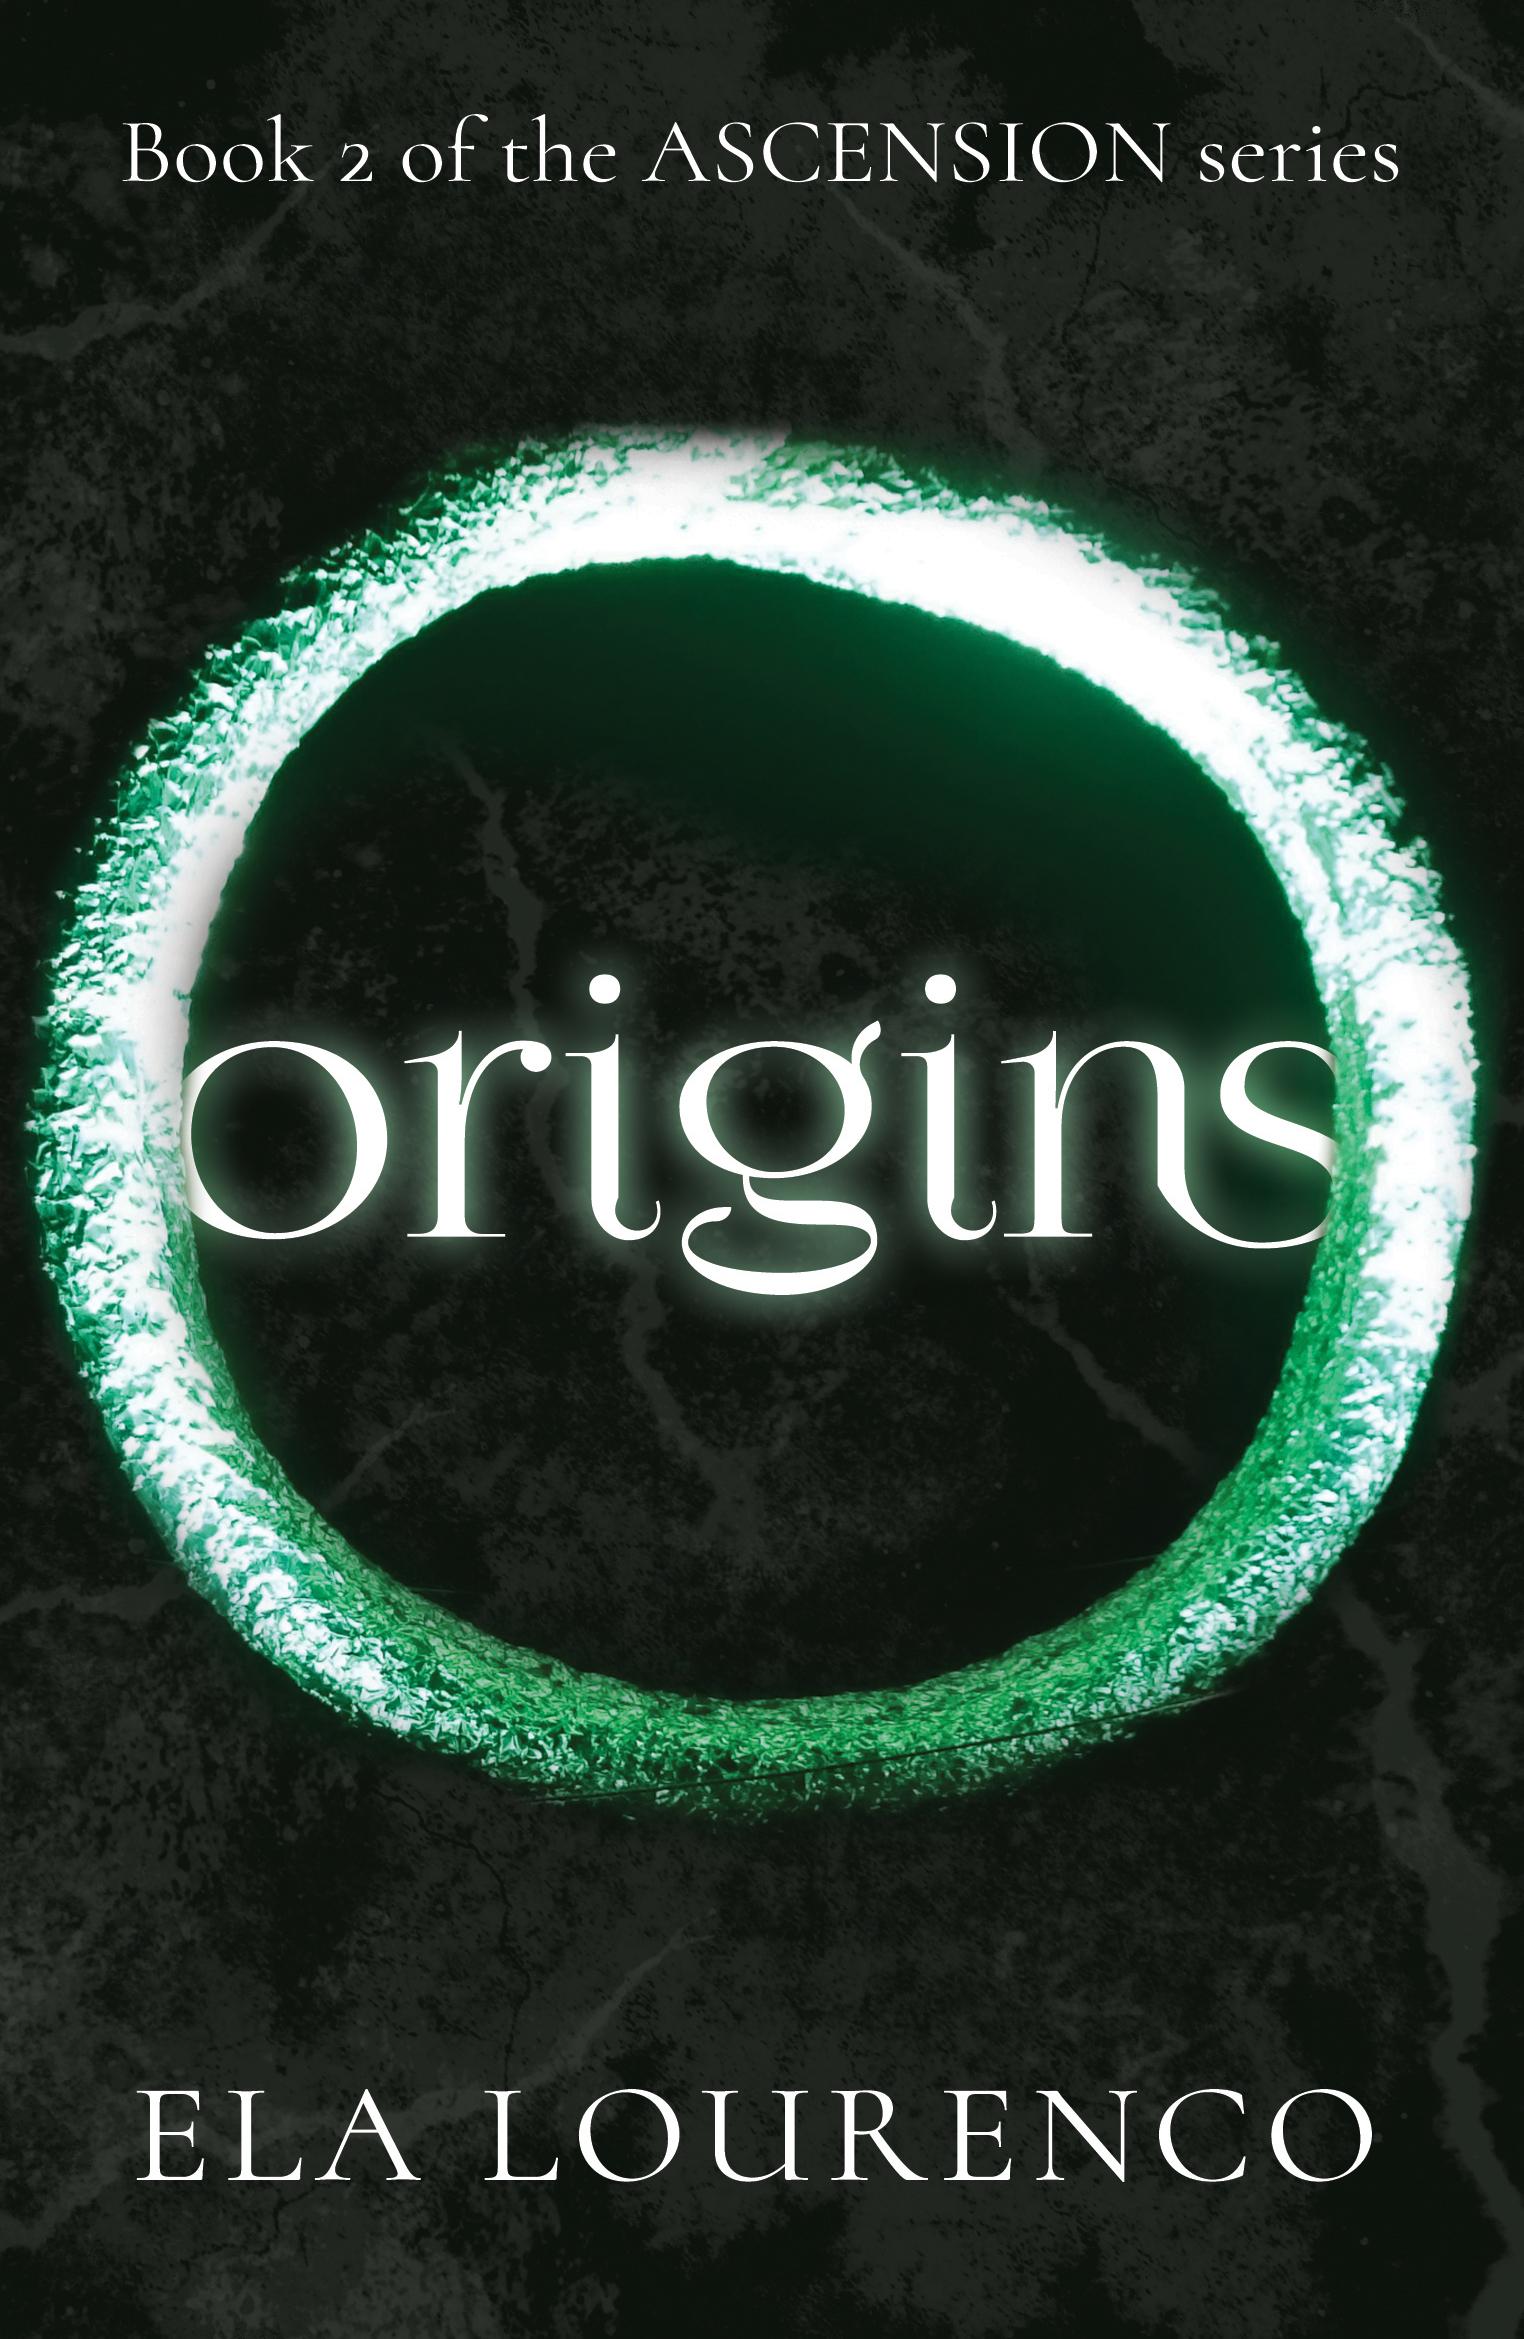 Origins Ela Lourenco